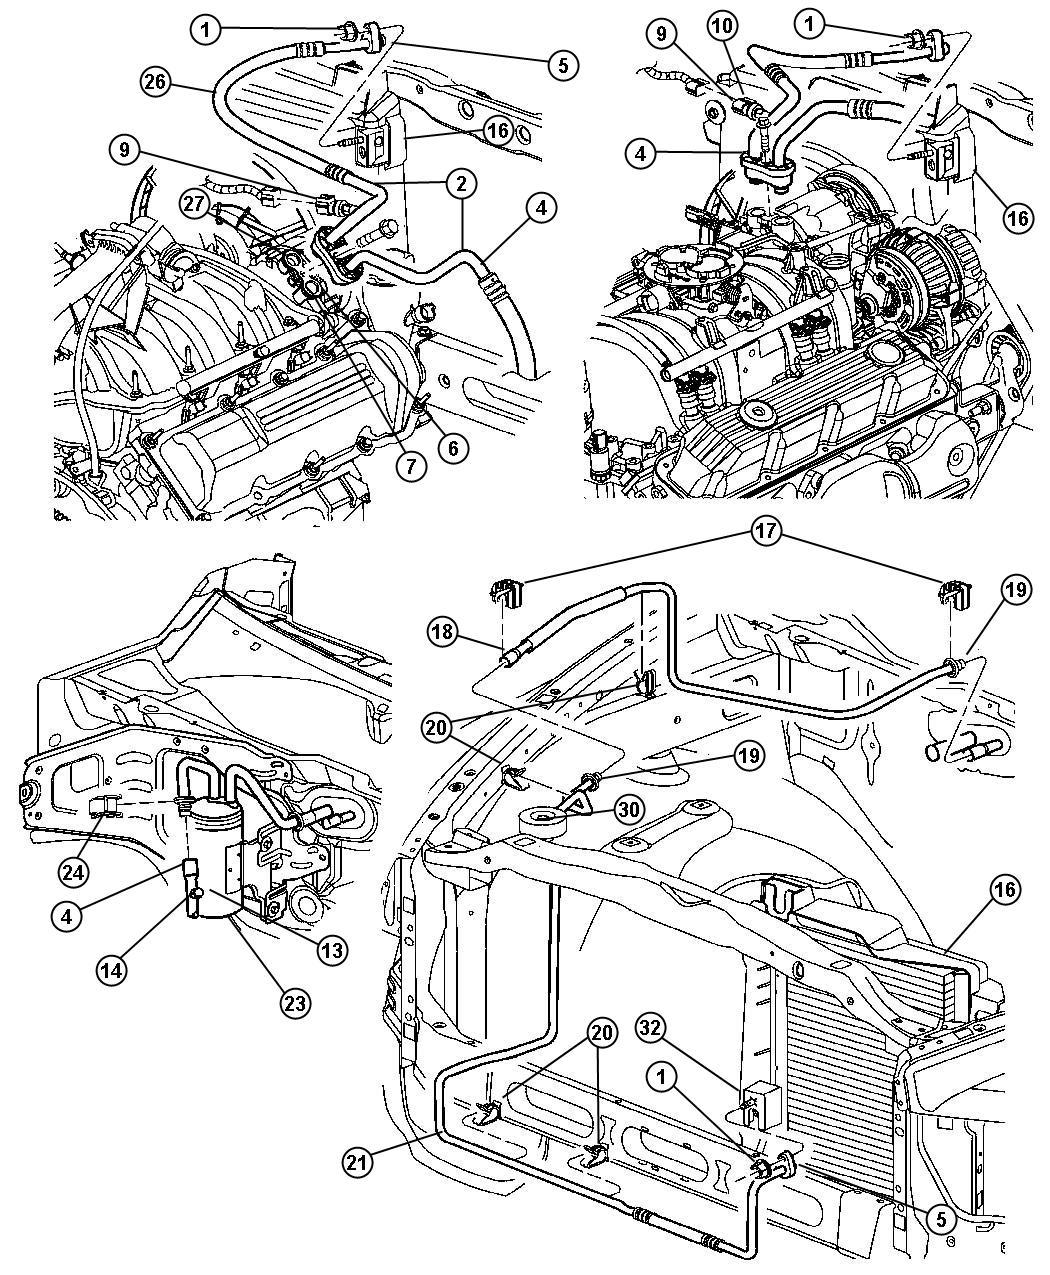 2002 Ford Explorer Sport Trac Door Parts